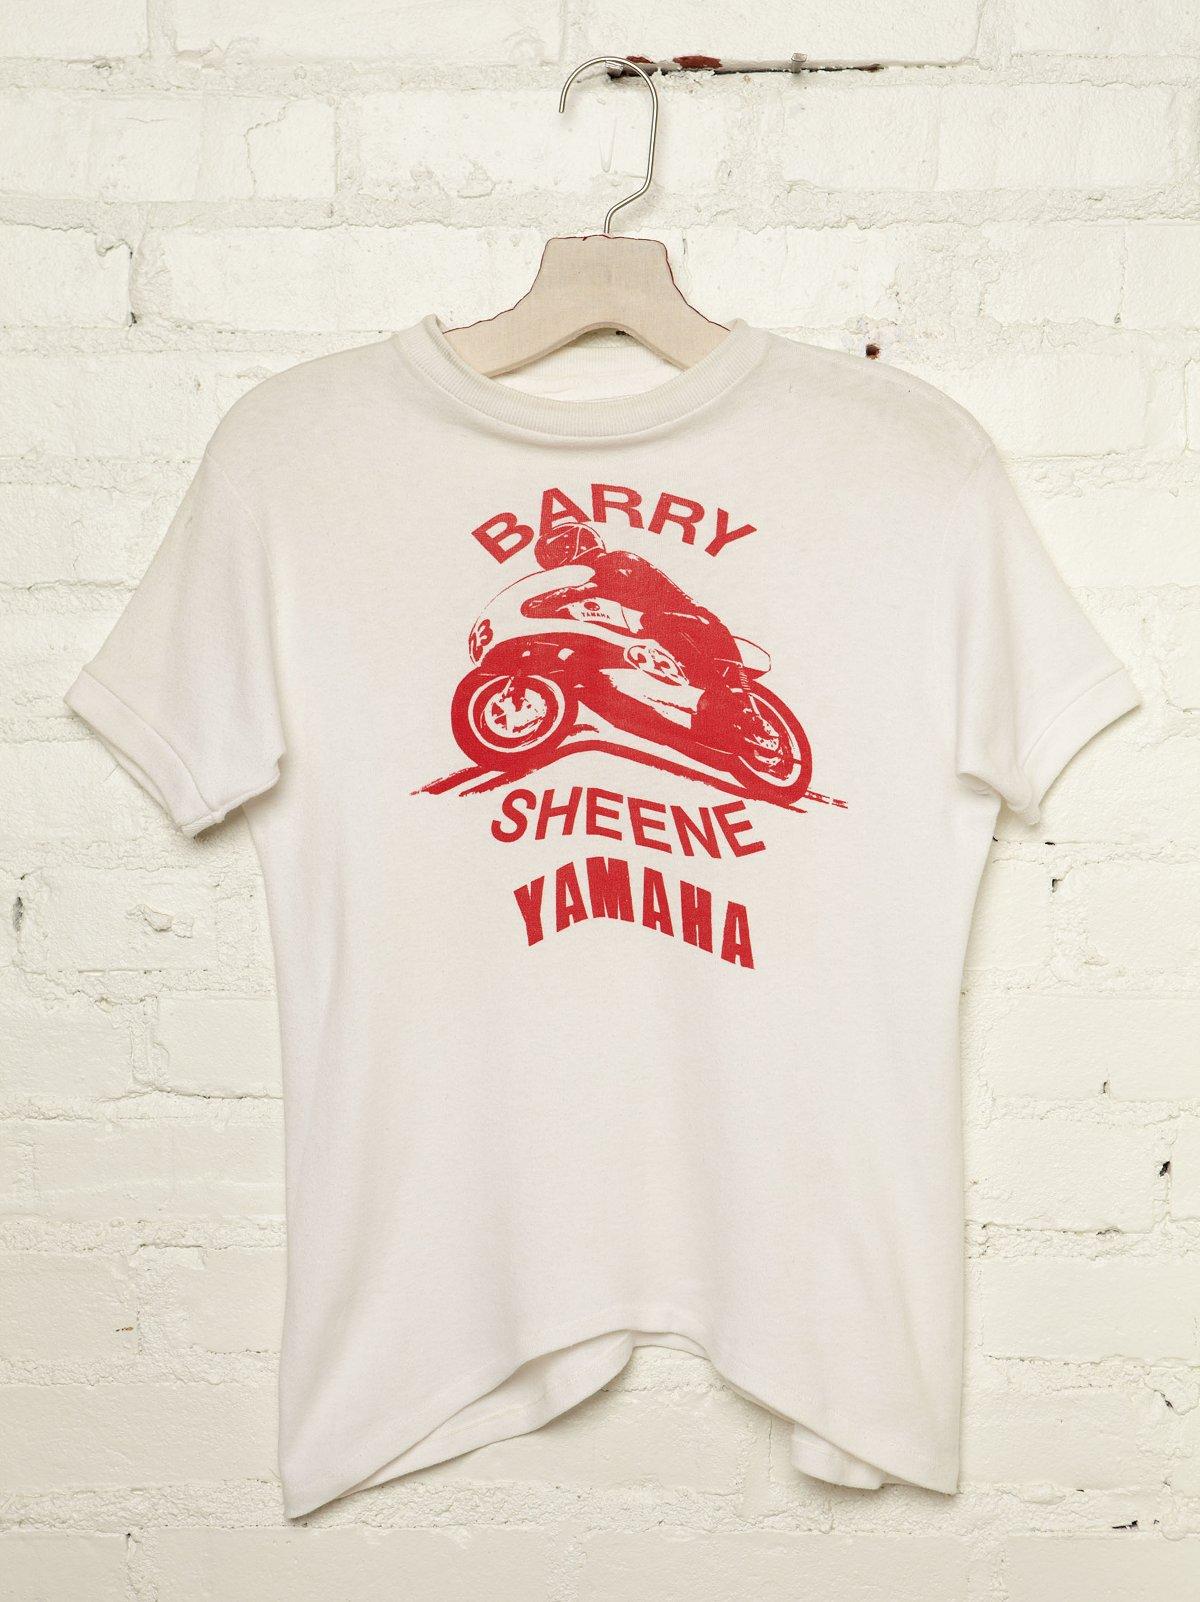 Vintage Barry Sheene Yamaha Tee